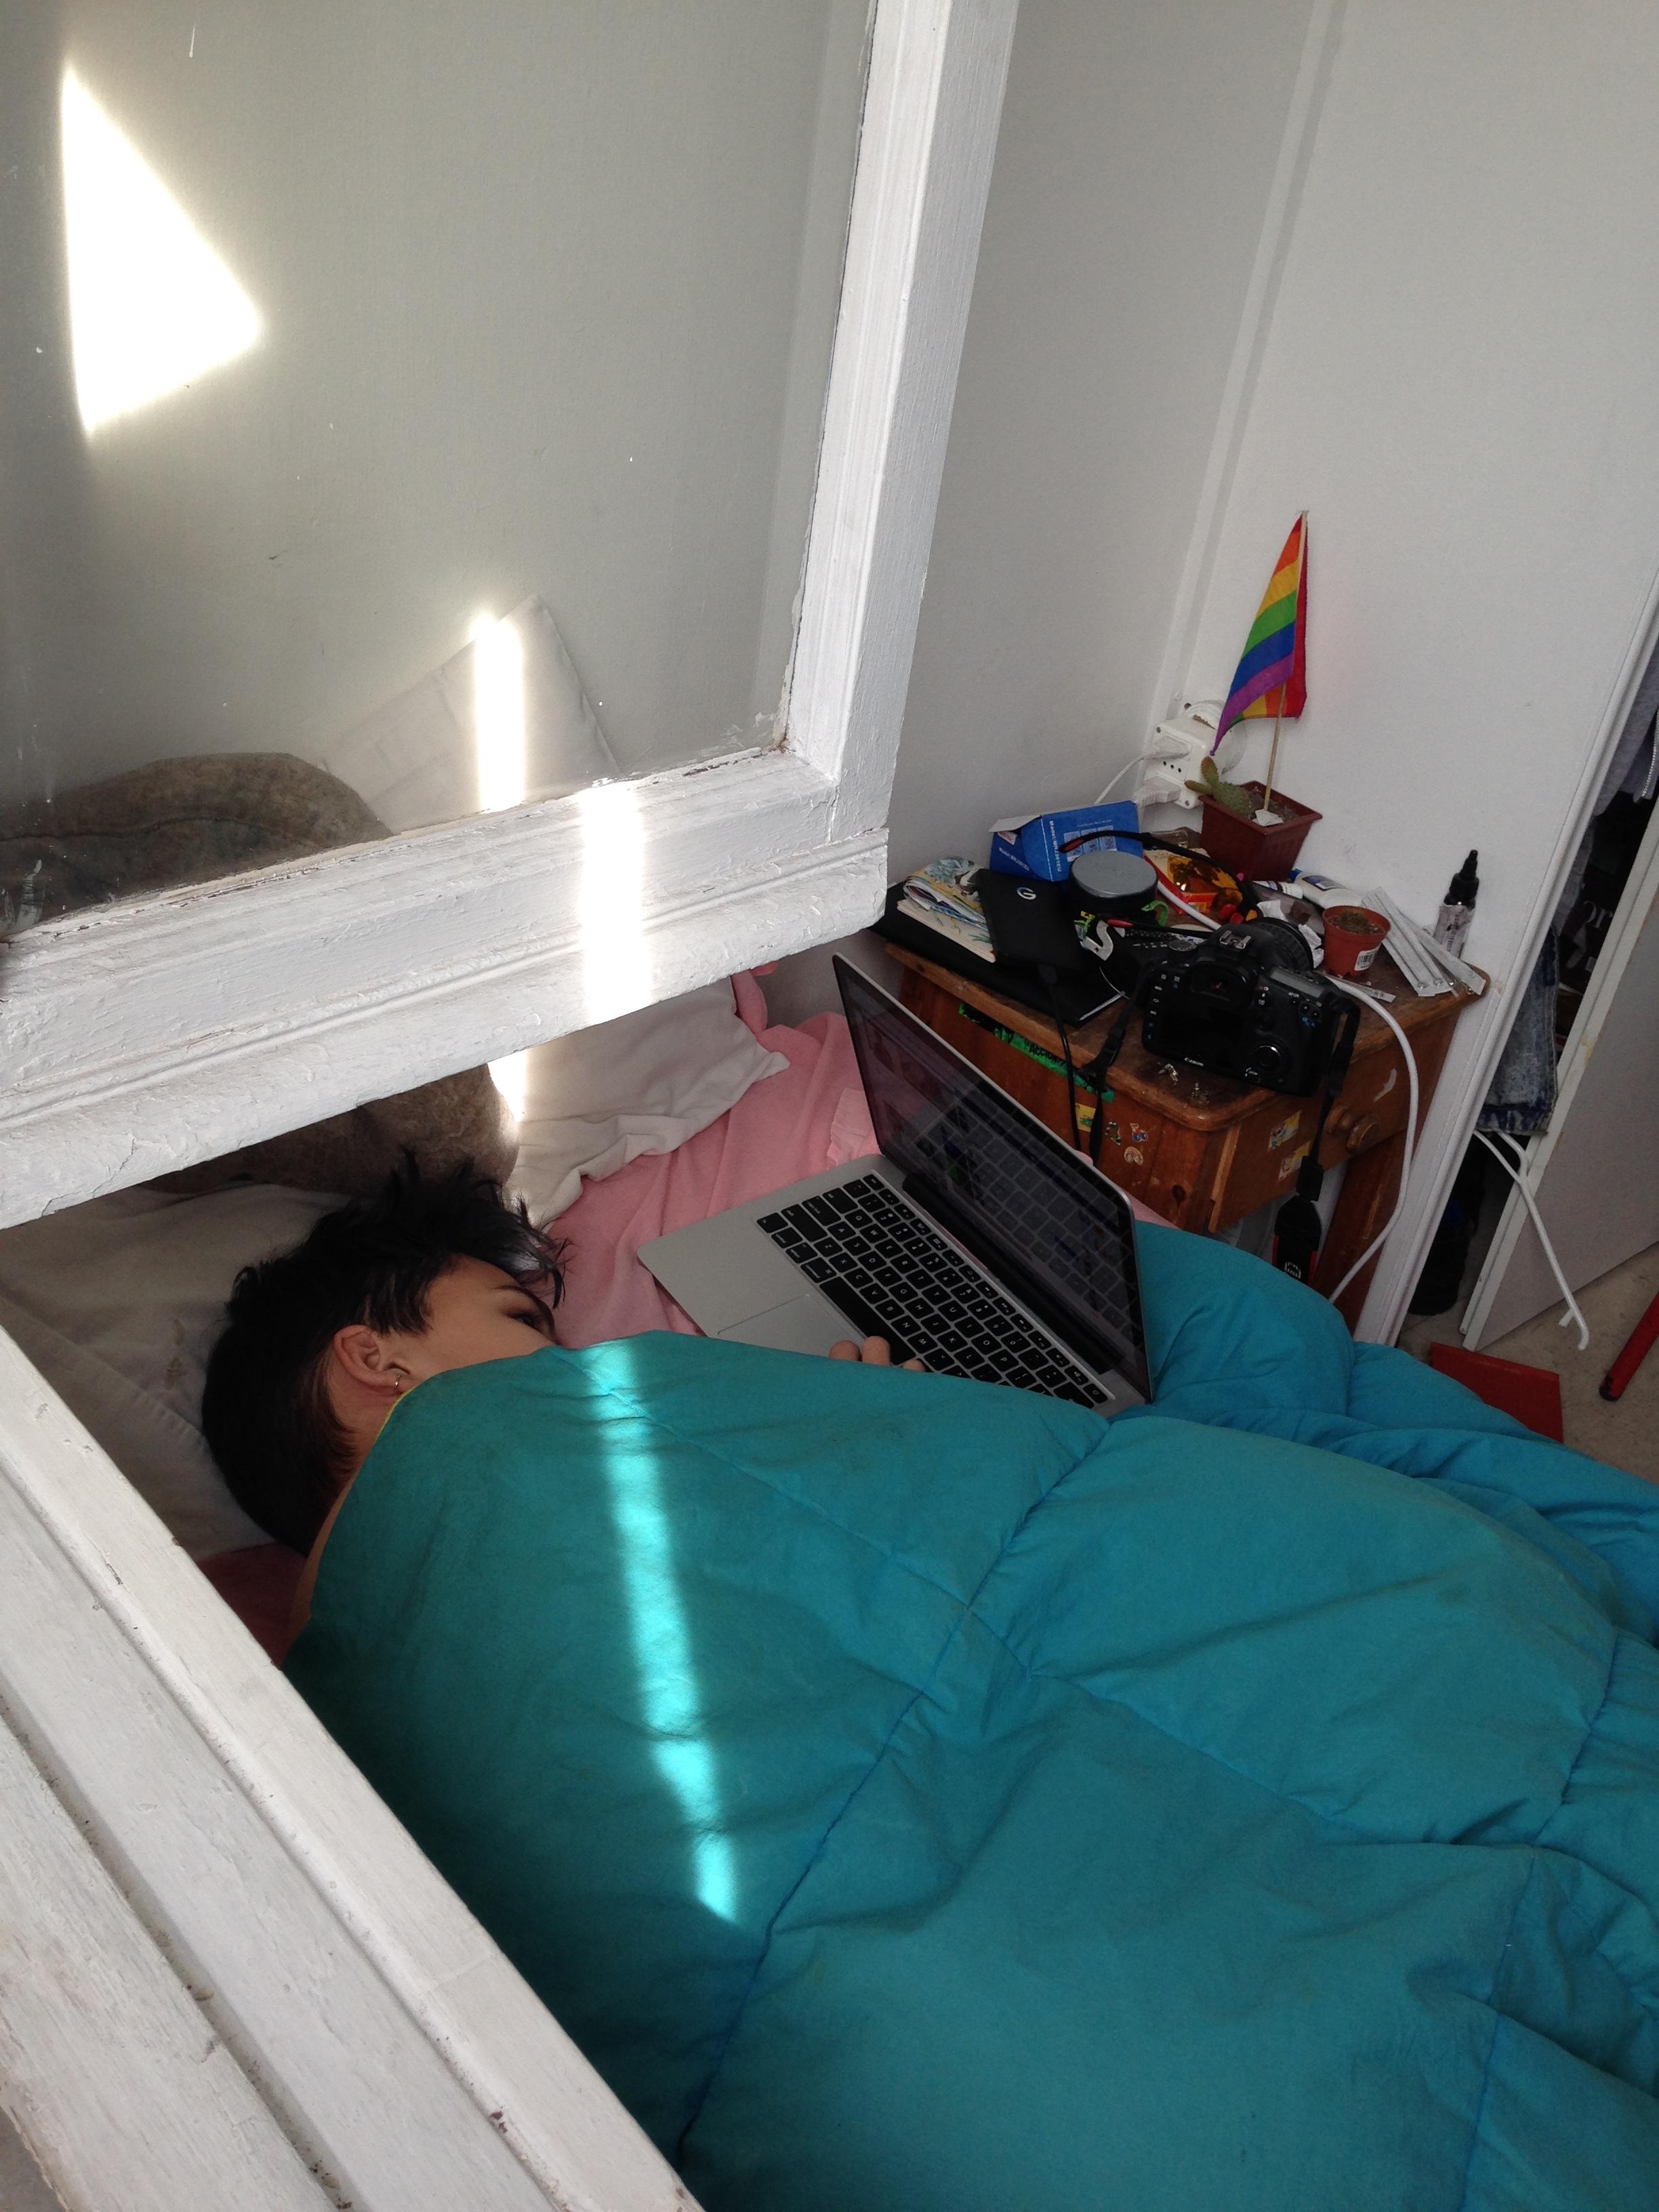 Sleeping Beauty in his Bedroom